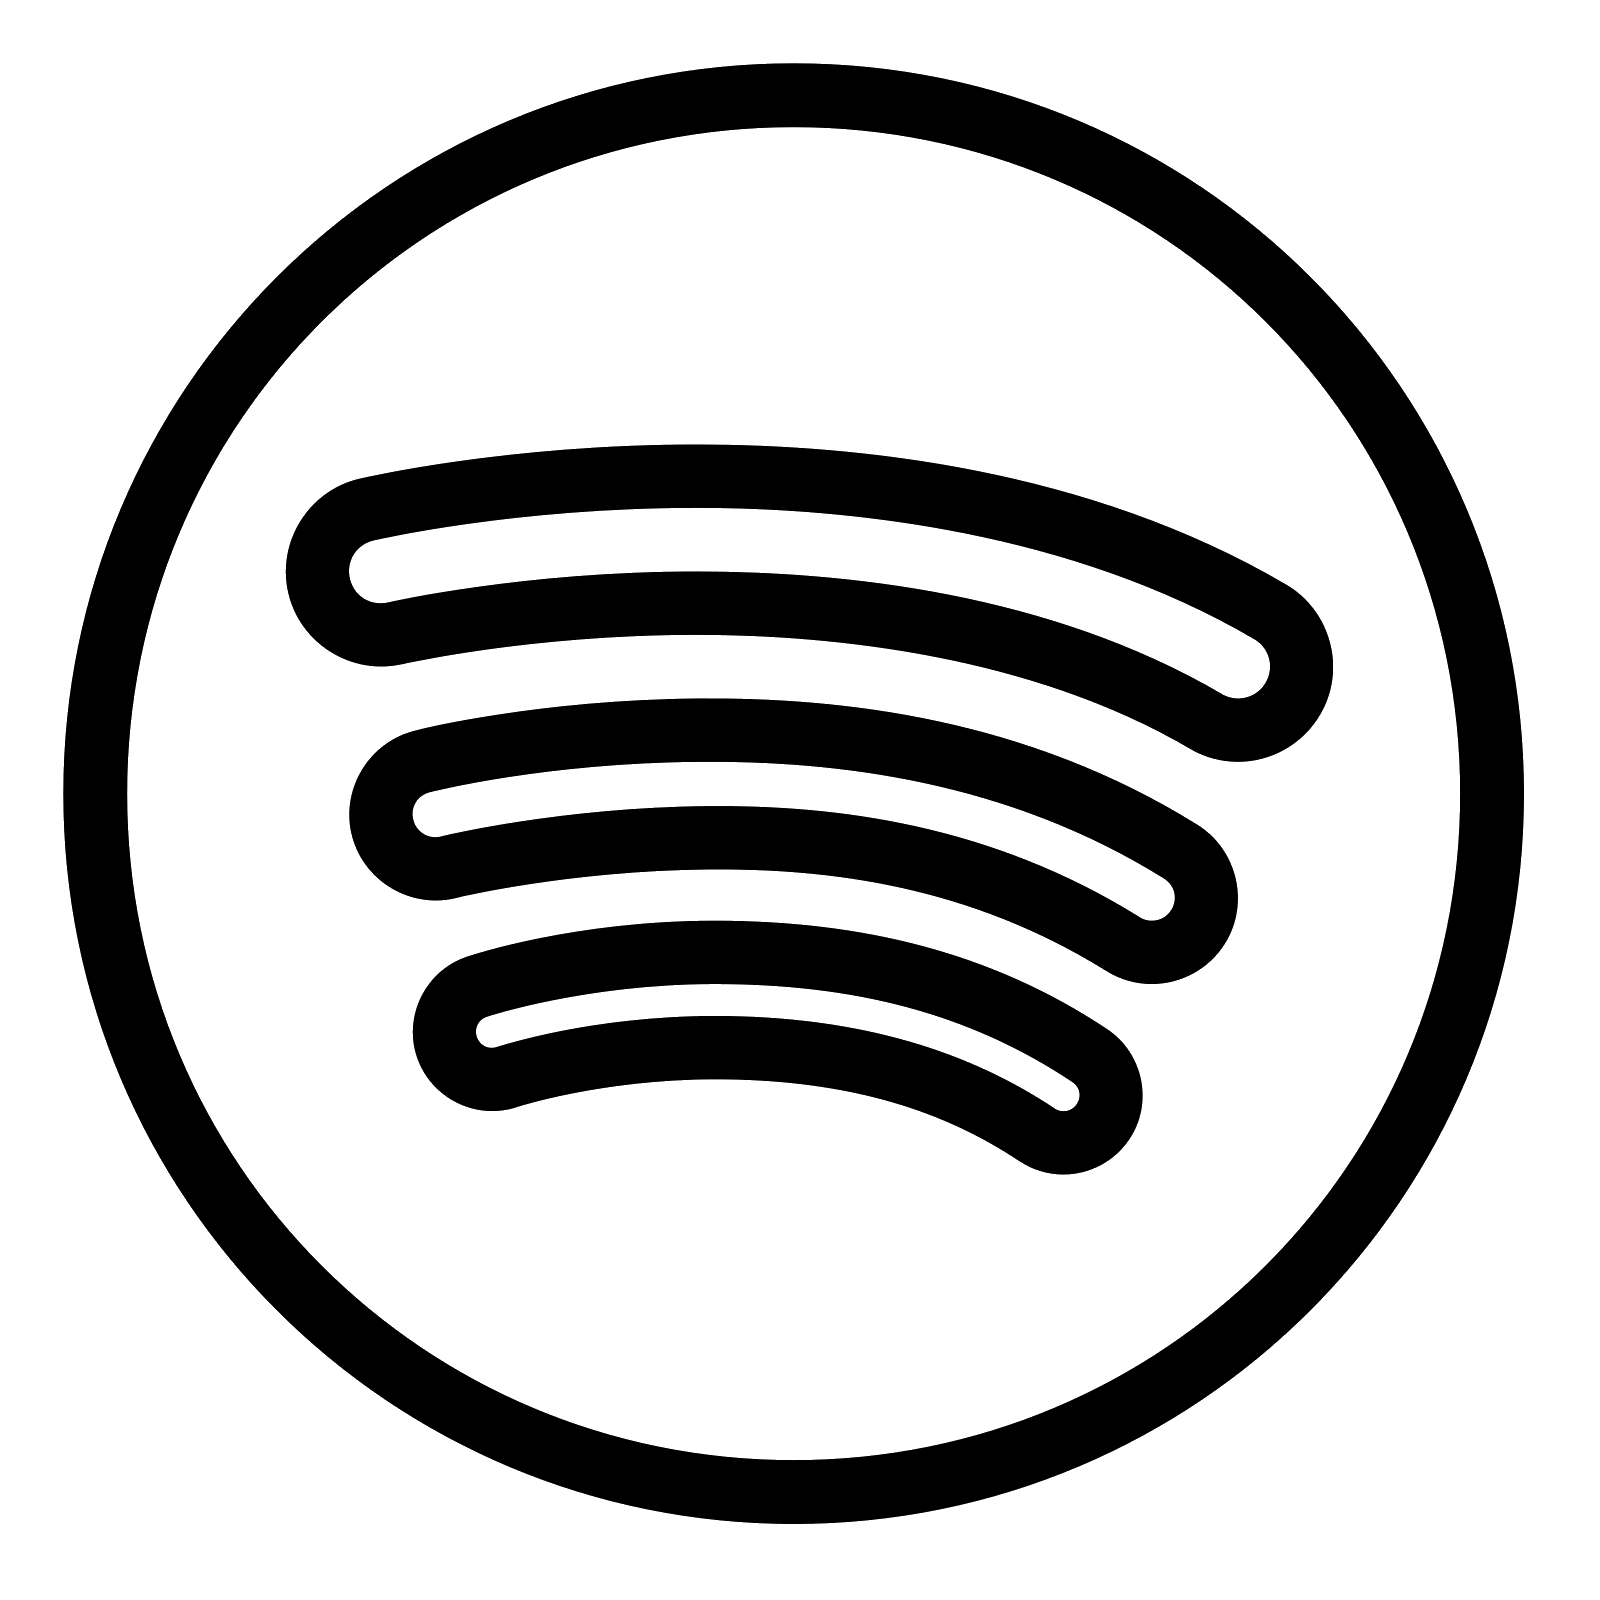 1600x1600 Spotify Icon